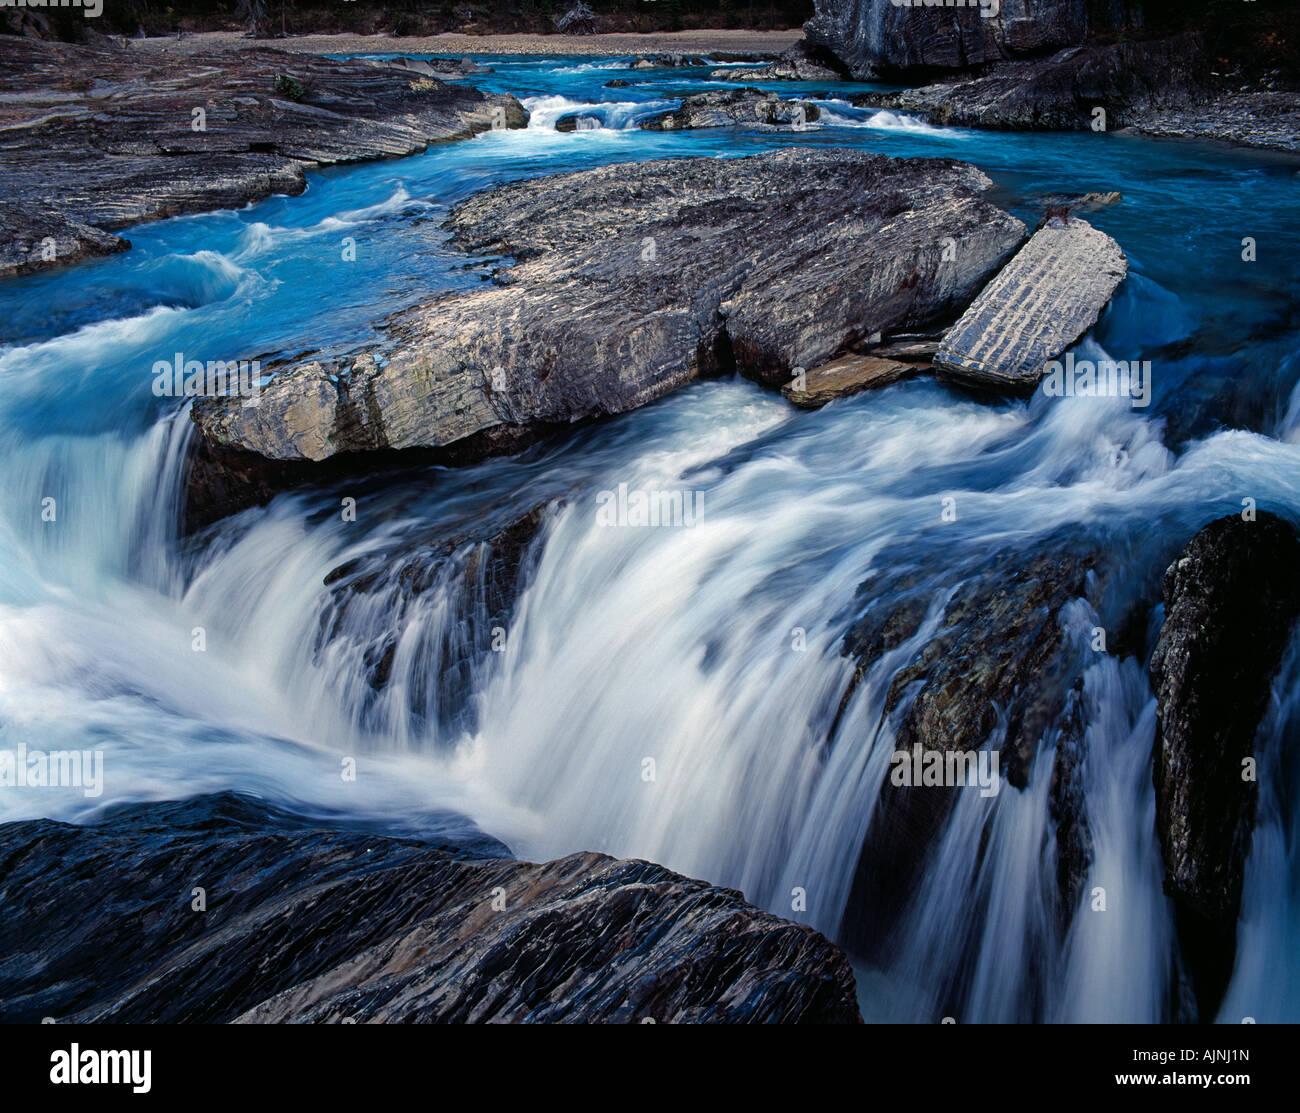 Fluss mit kleinem Wasserfall im Jasper Nationalpark creek with a small waterfall in the Jasper National Park Alberta - Stock Image